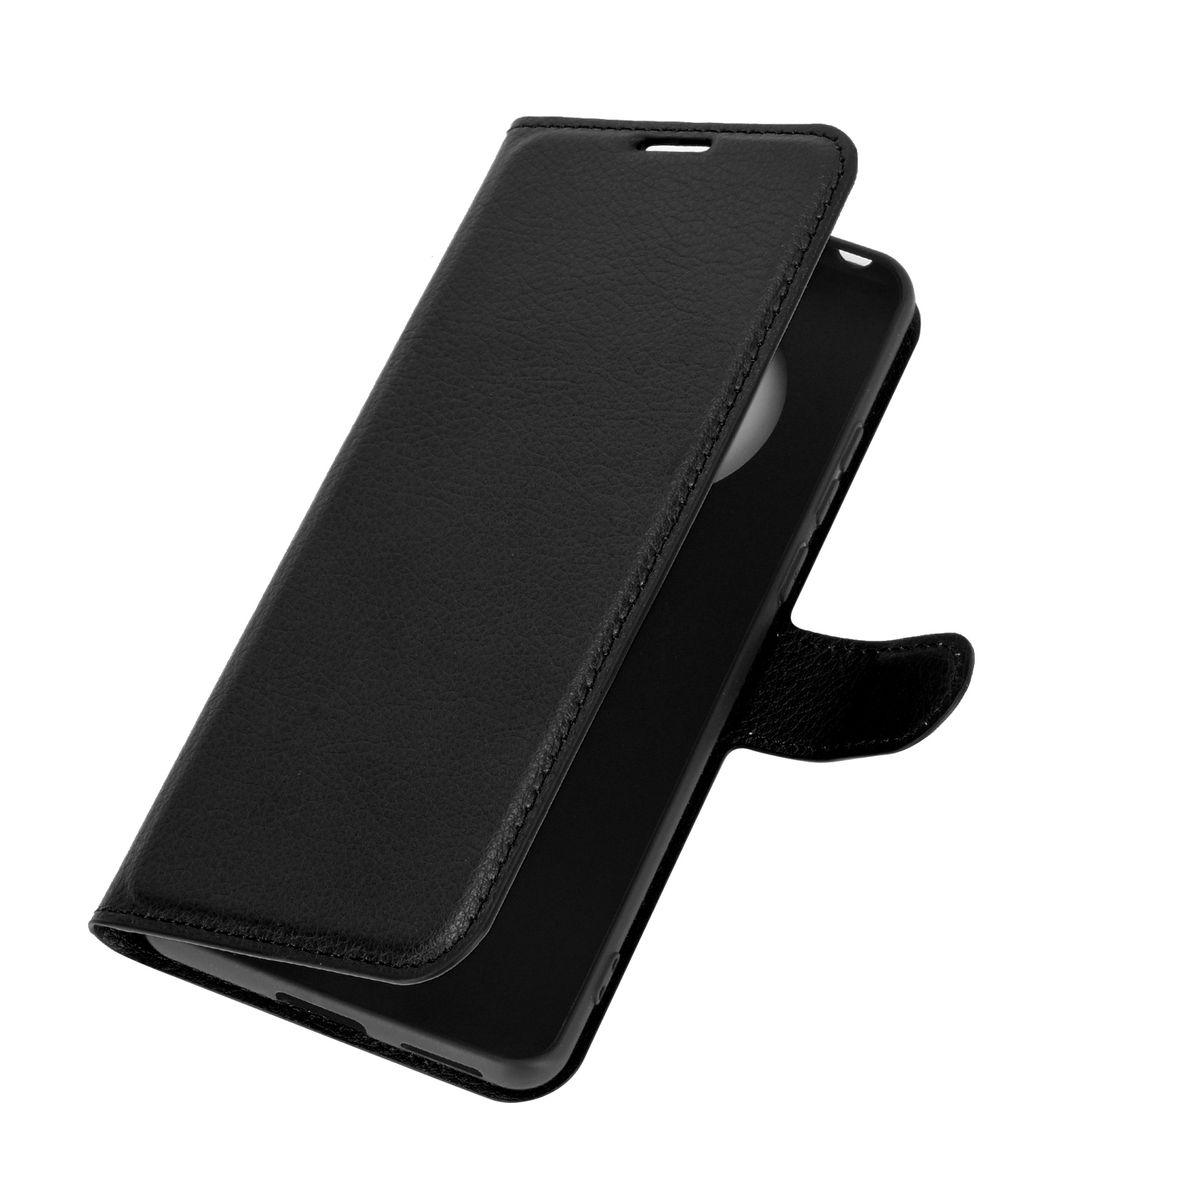 Huawei Mate 40 Pro Tasche Handy Hülle Schutz-Cover Flip-Case mit Kartenfach Schwarz